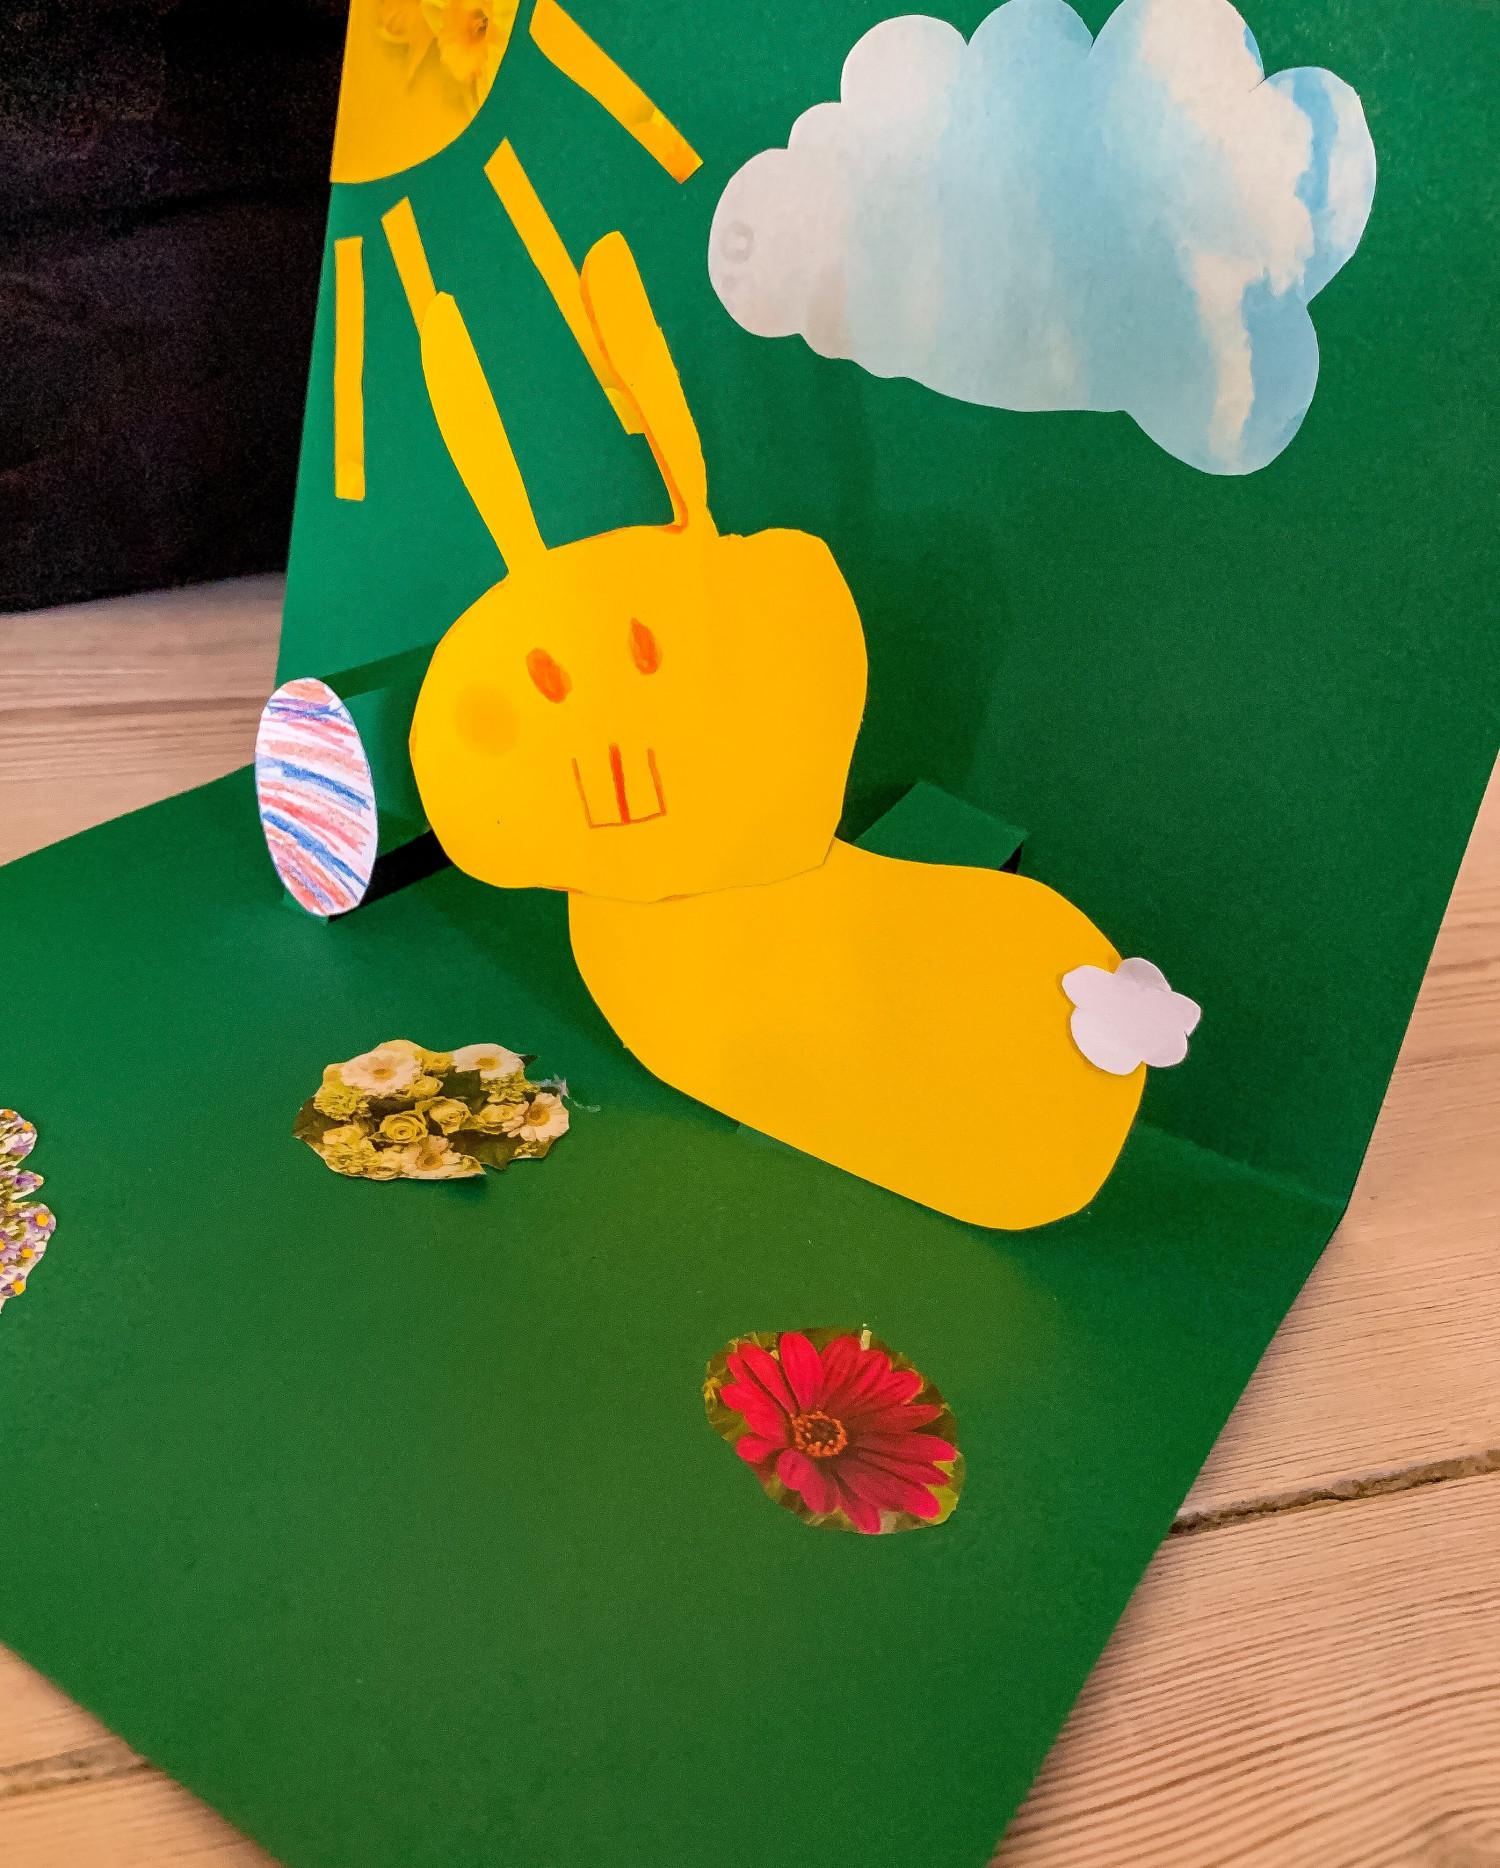 pop-op kort børn påske krea idé